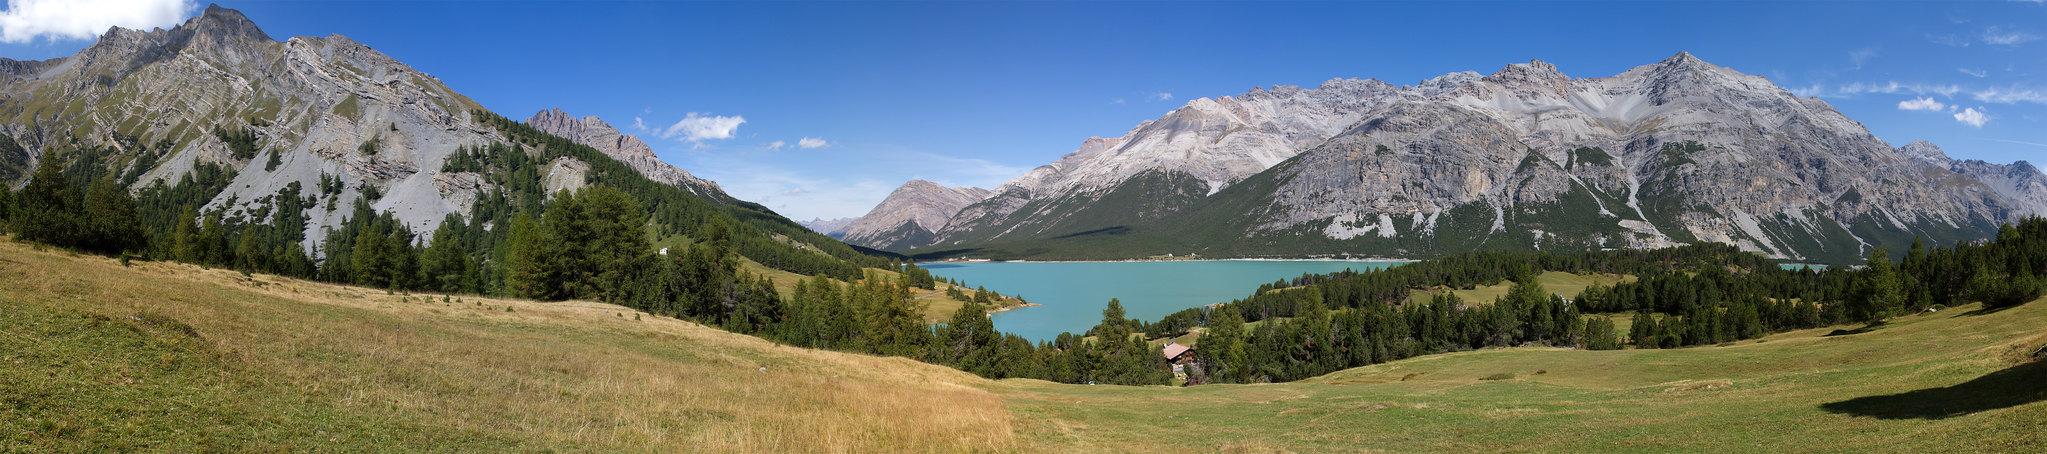 laghi di cancano escursioni